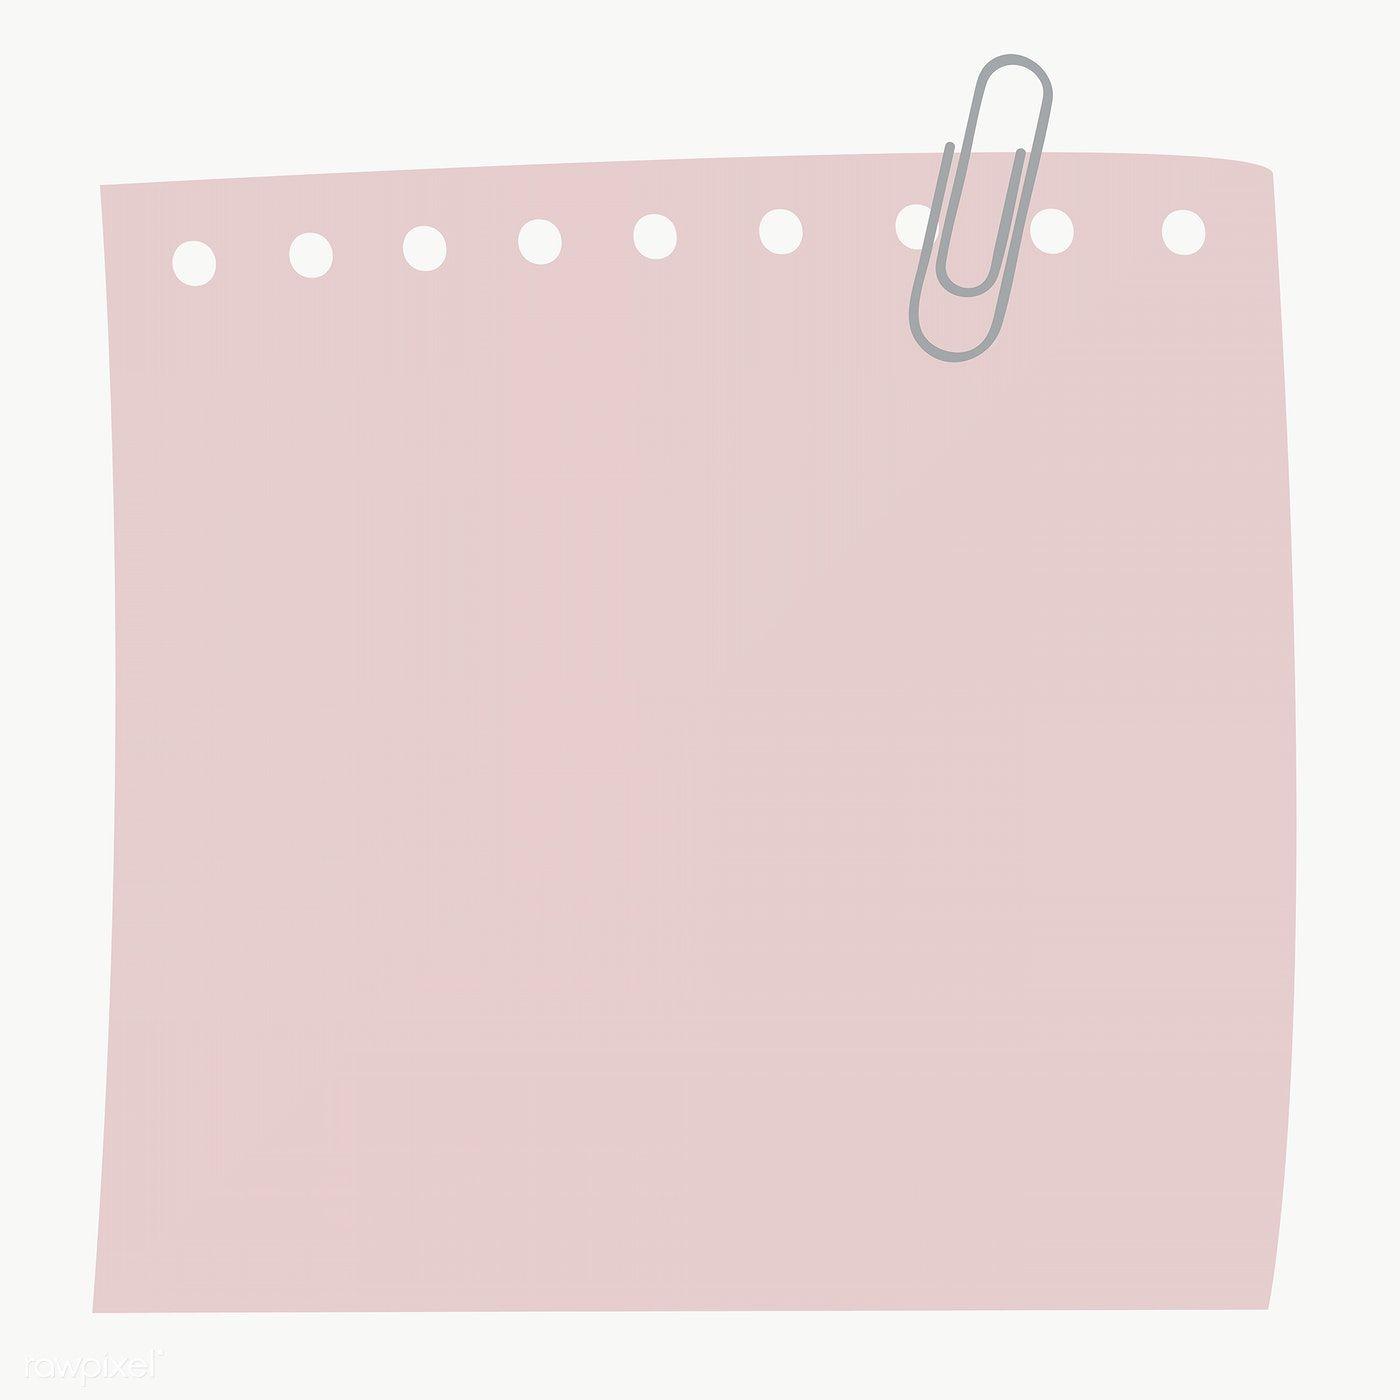 White Square Paper Note Social Ads Template Transparent Png Free Image By Rawpixel Com Mano Marcos Del Cuaderno De Notas Fondos Para Textos Cuadro De Texto